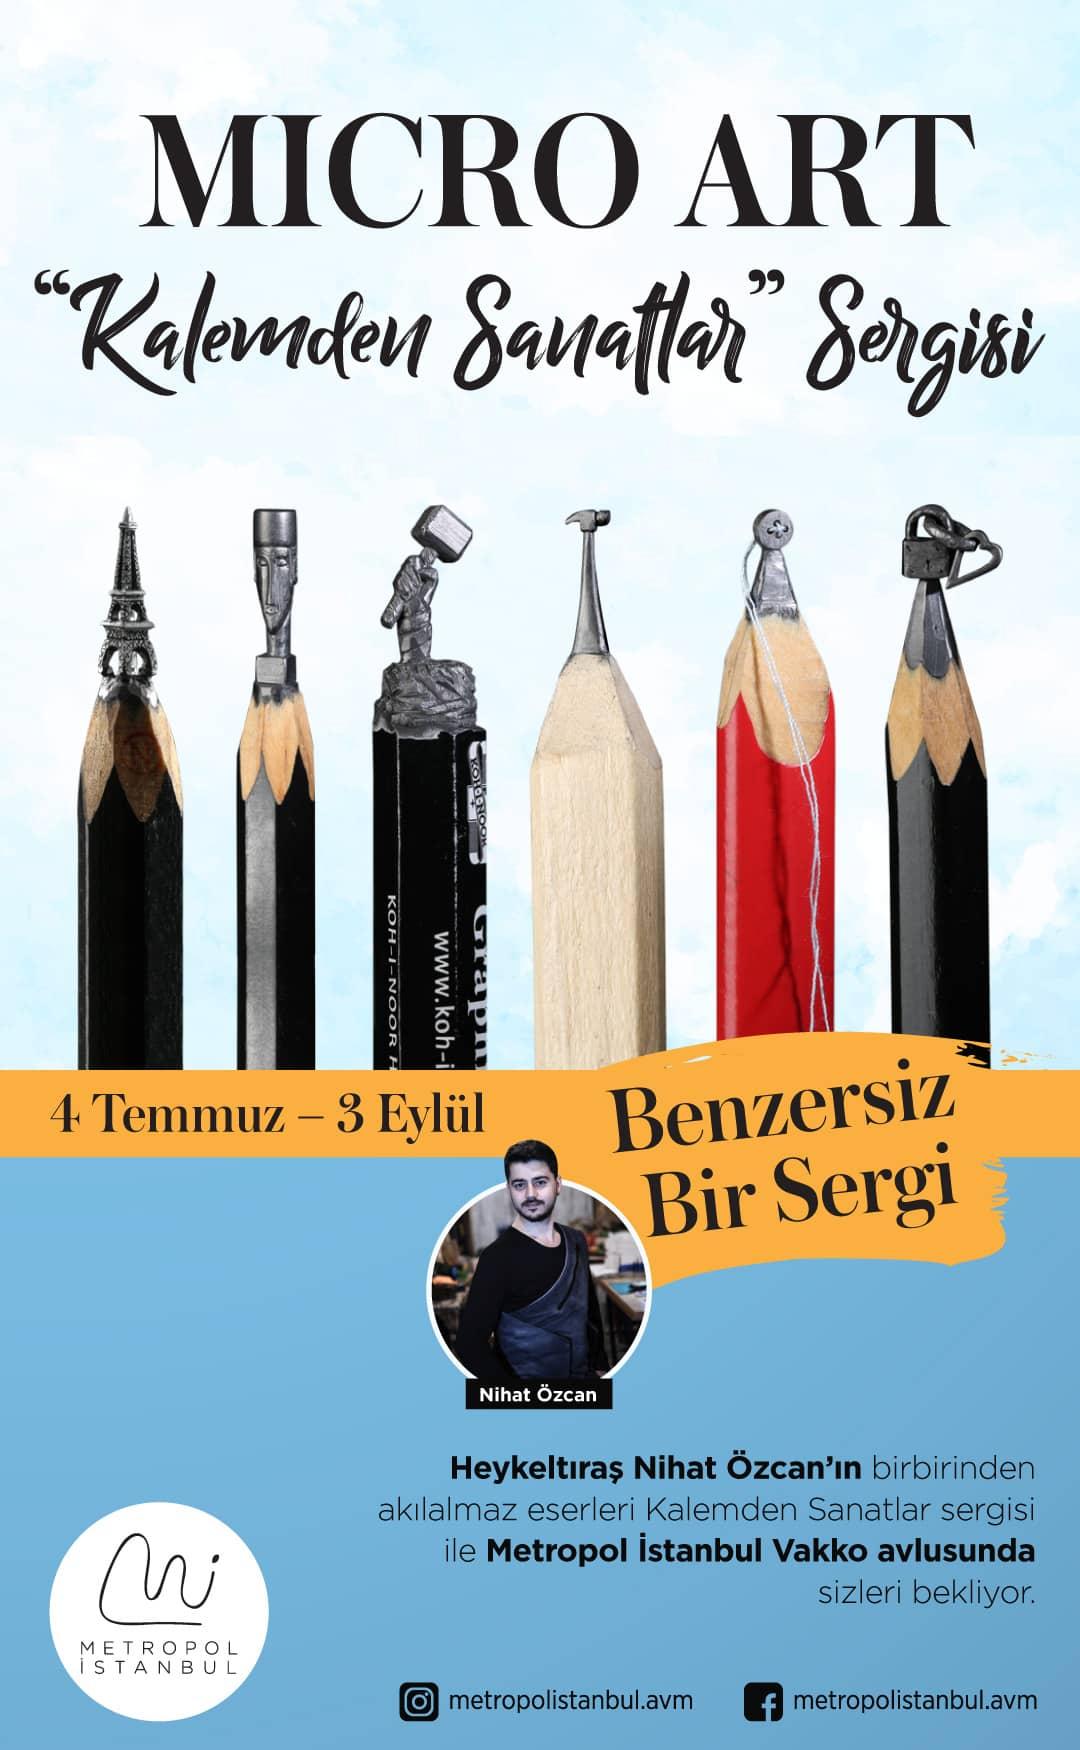 Metropol İstanbul'da Micro Art 'Kalemden Sanatlar' Sergisi Açıldı!